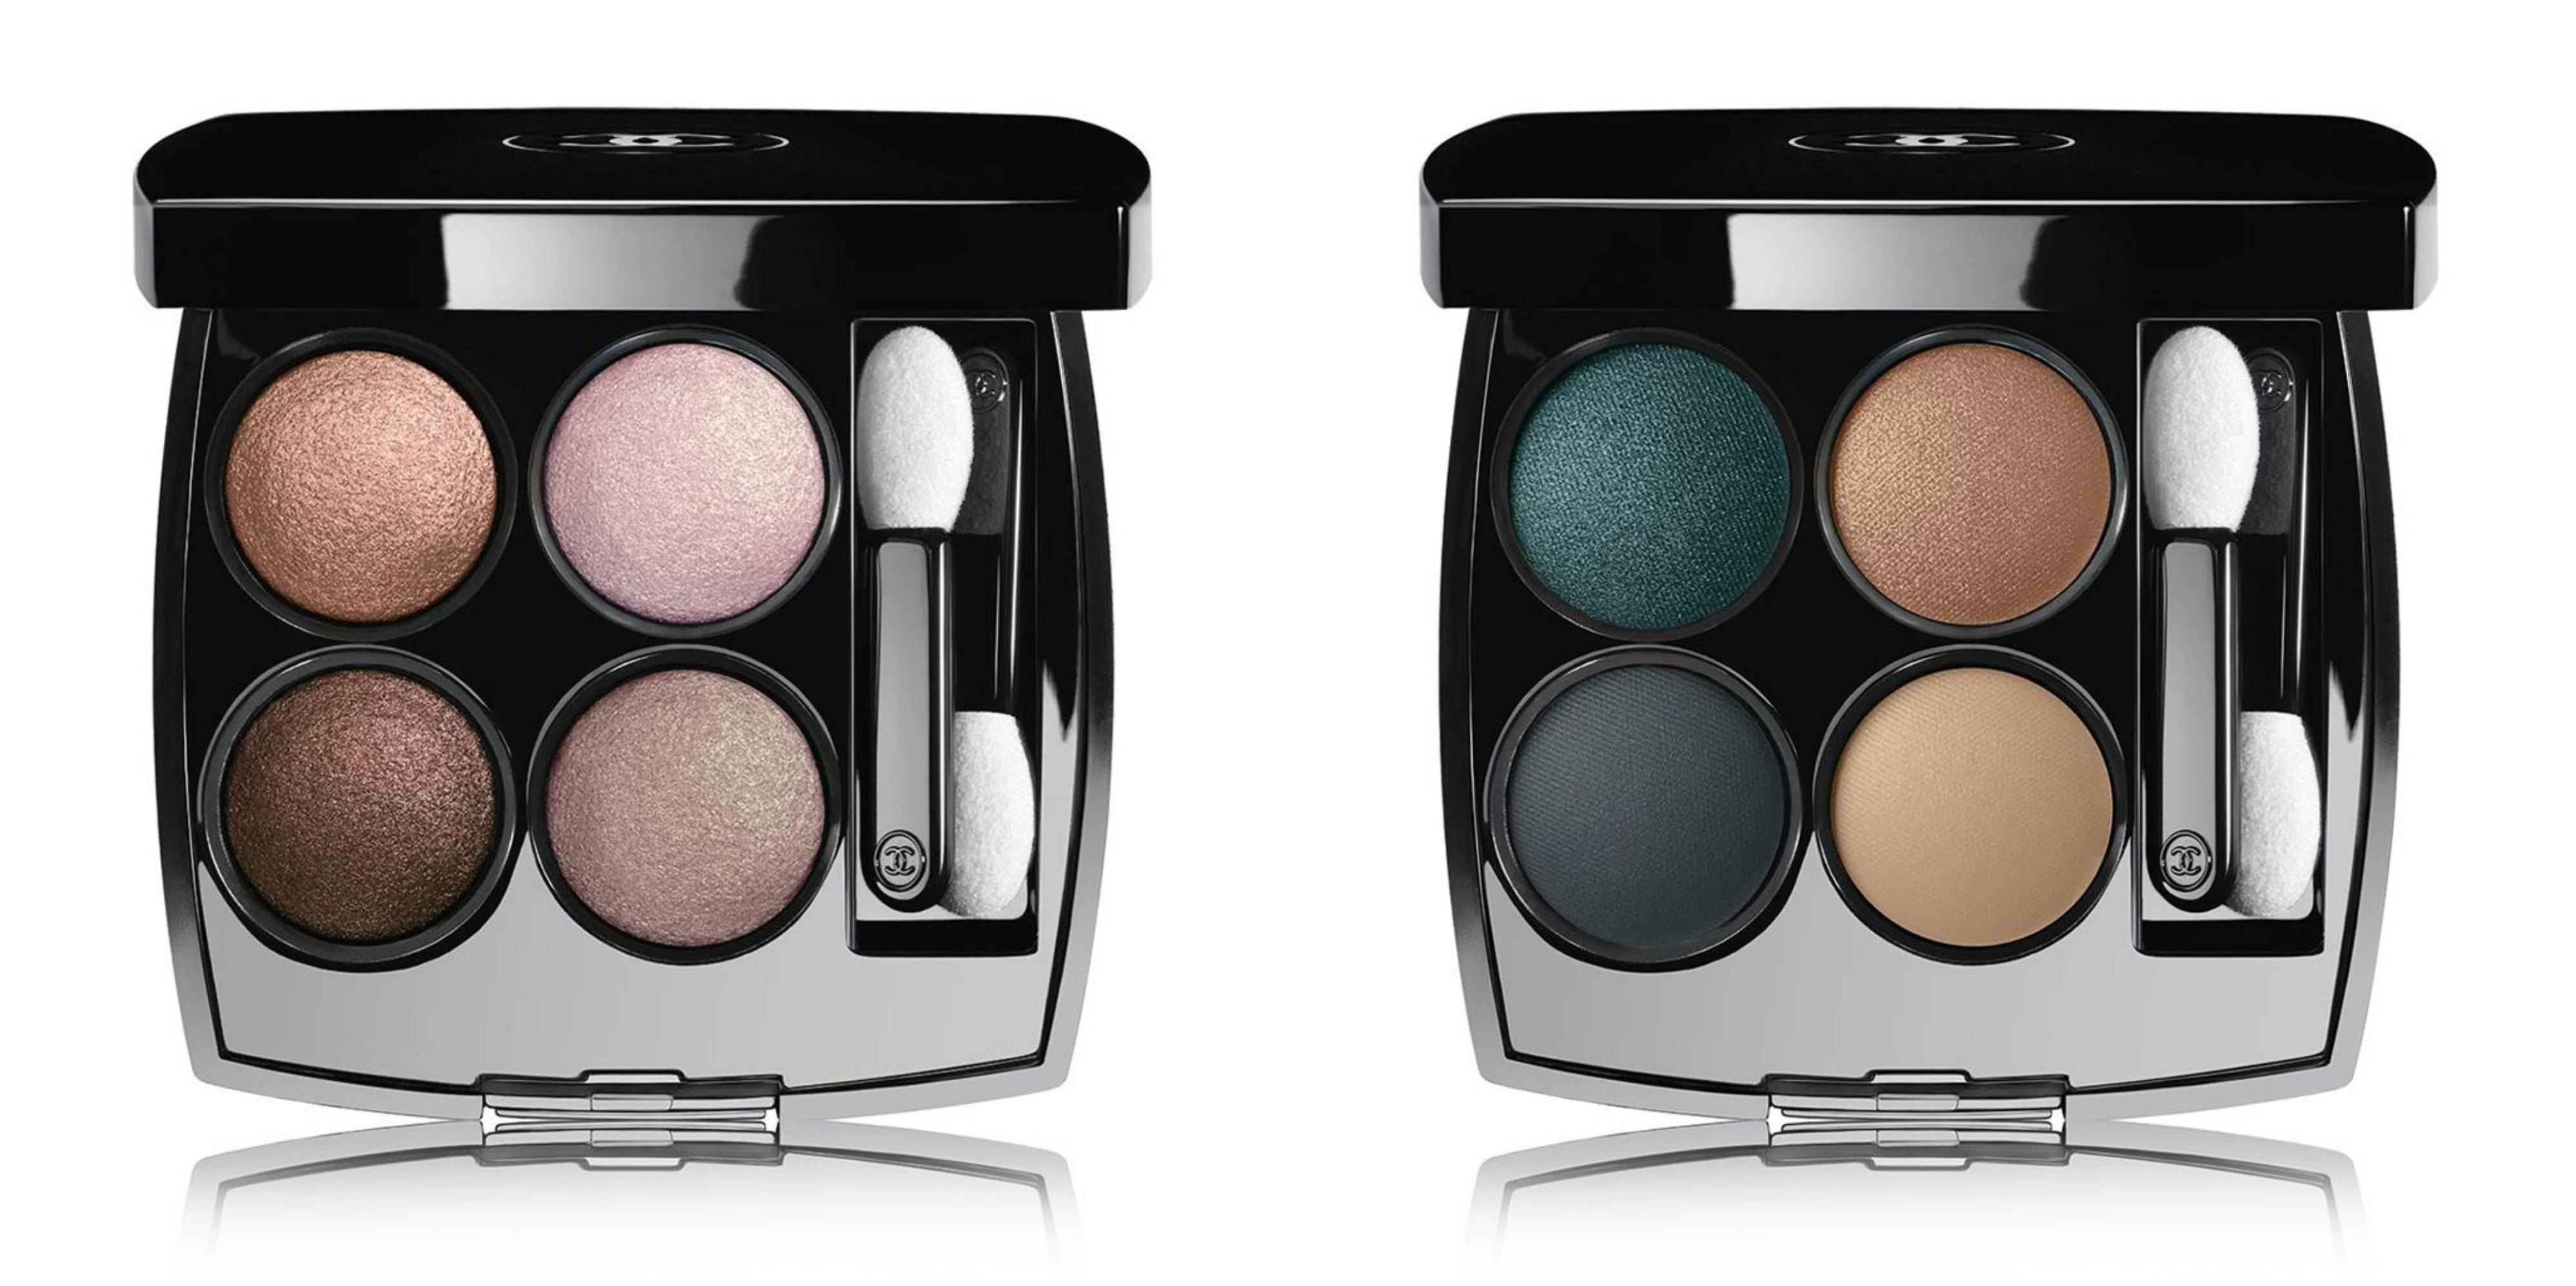 Beauty Shooting: Los colores de un viaje en la piel, cortesía de Chanel - image chanel_vanidad_2 on https://www.vanidad.es